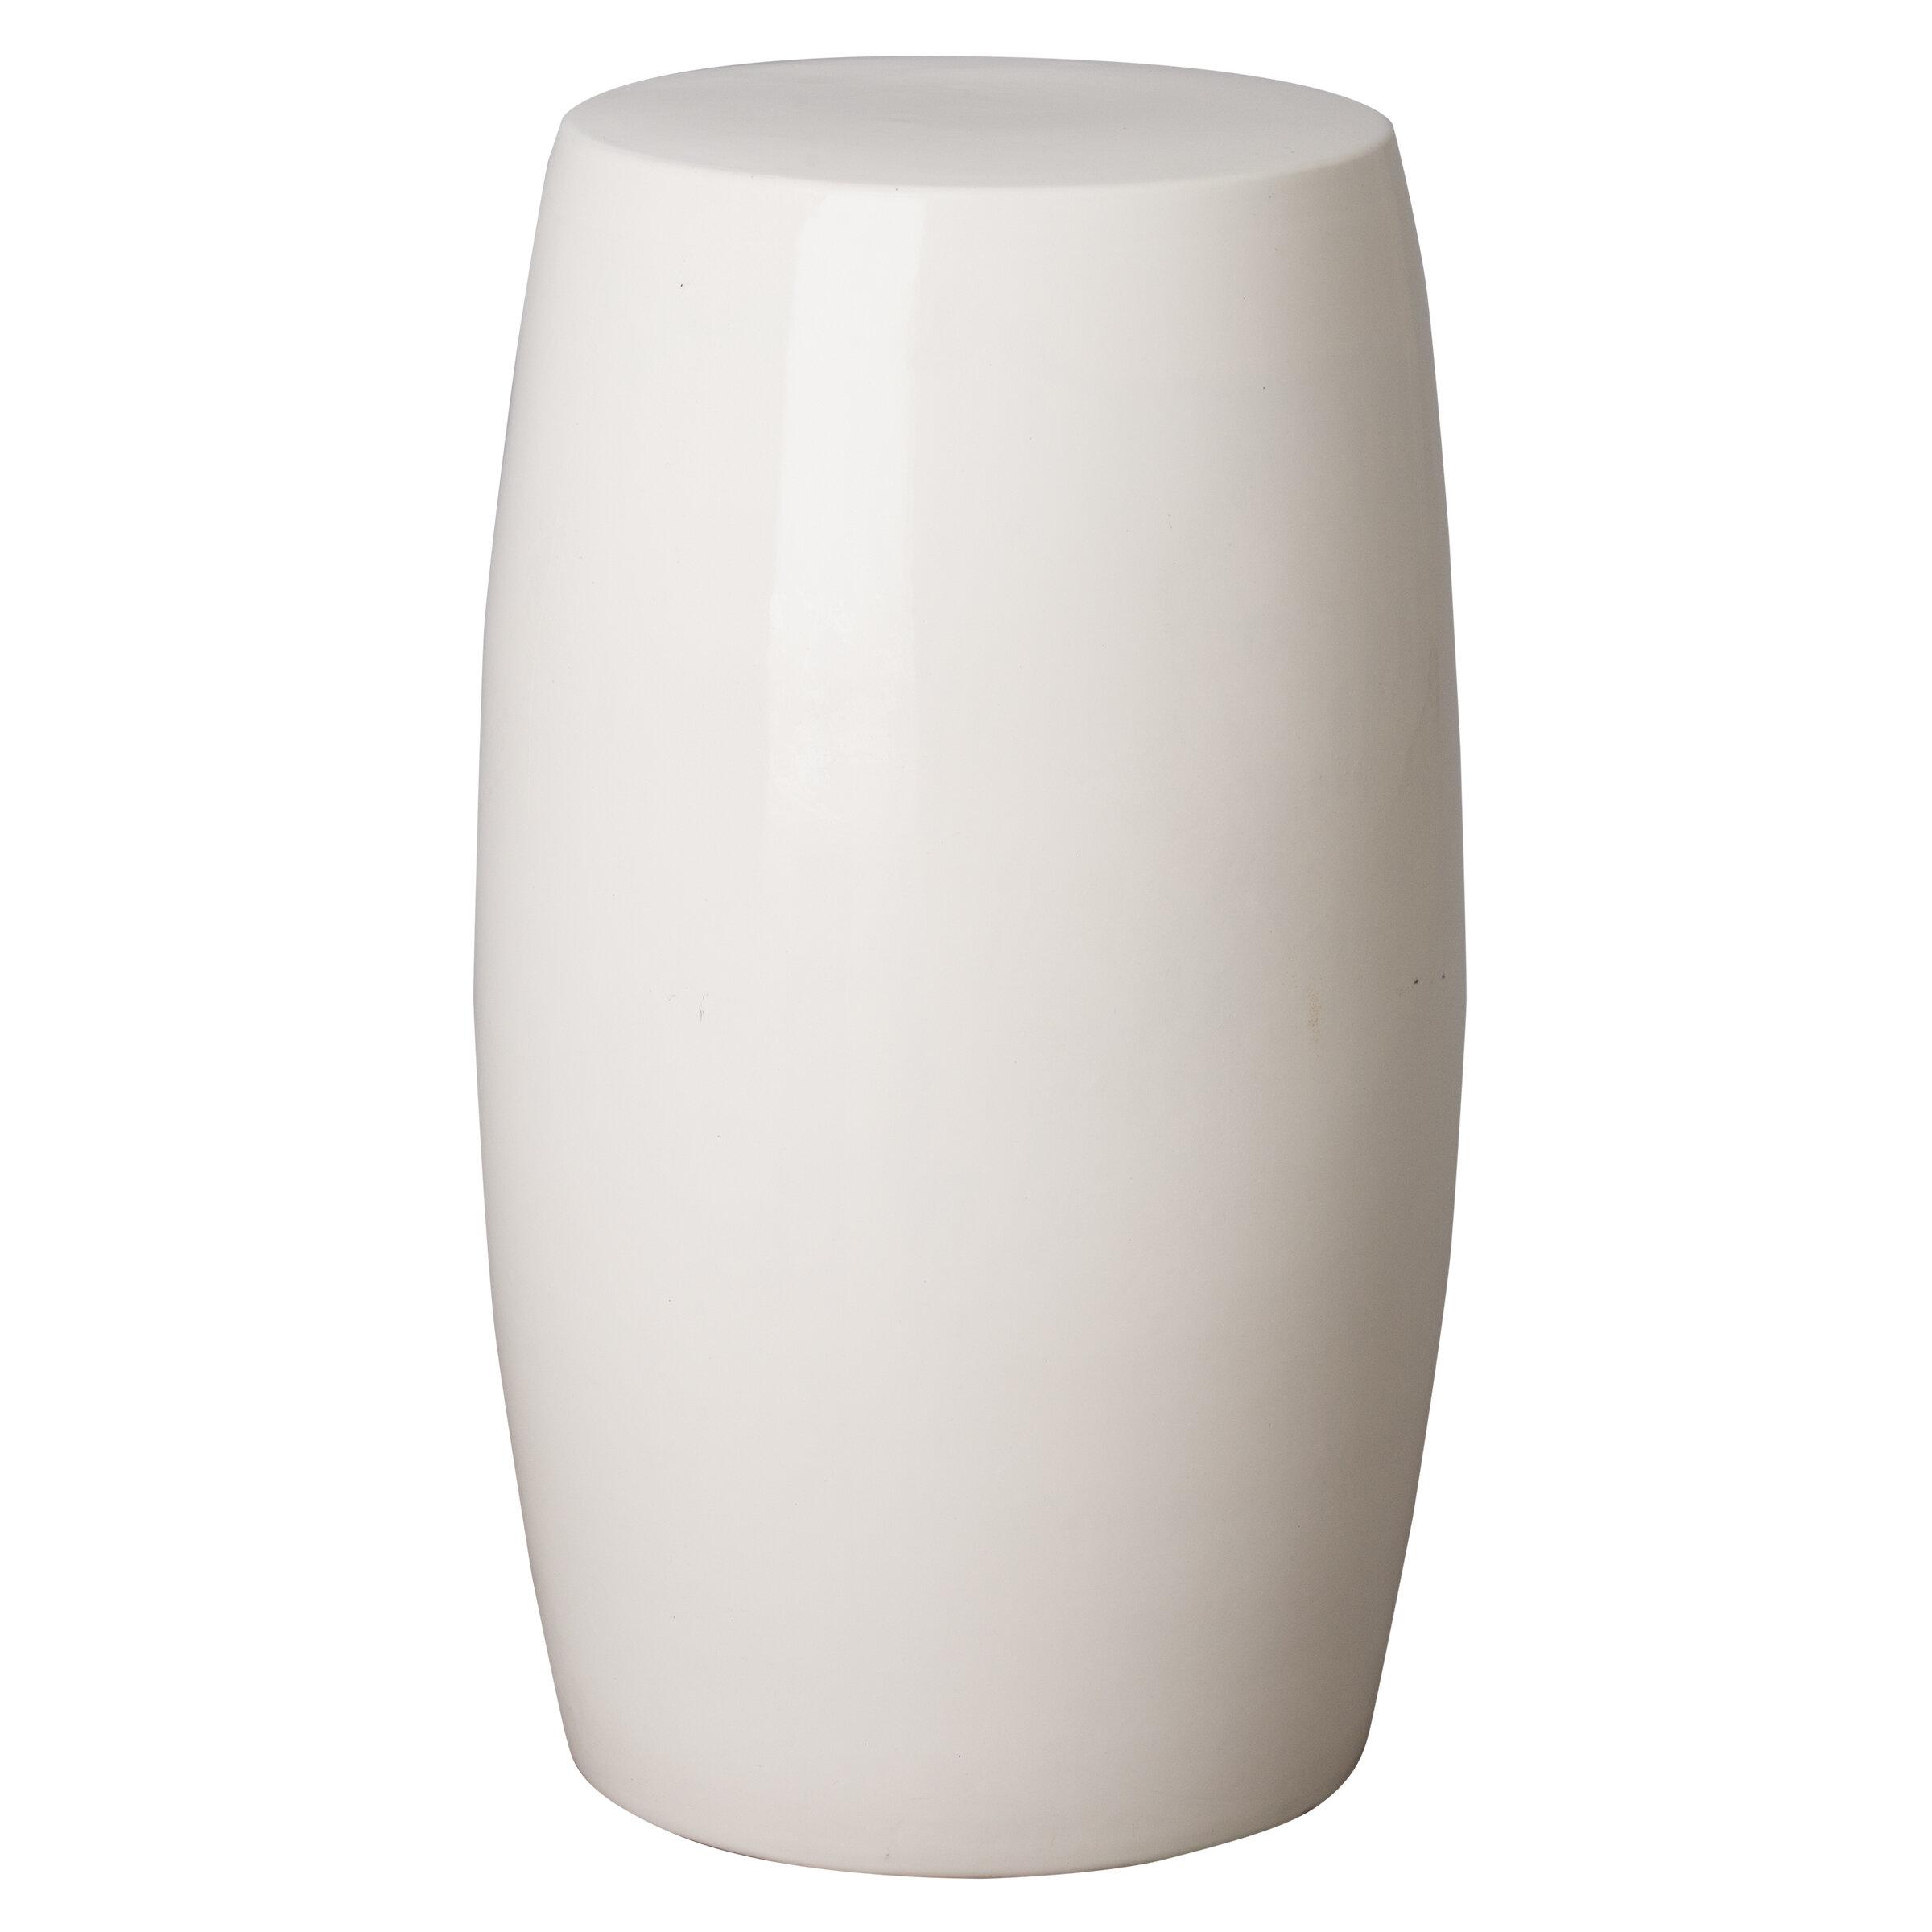 Orren Ellis Honfleur Ceramic Garden Stool Wayfair